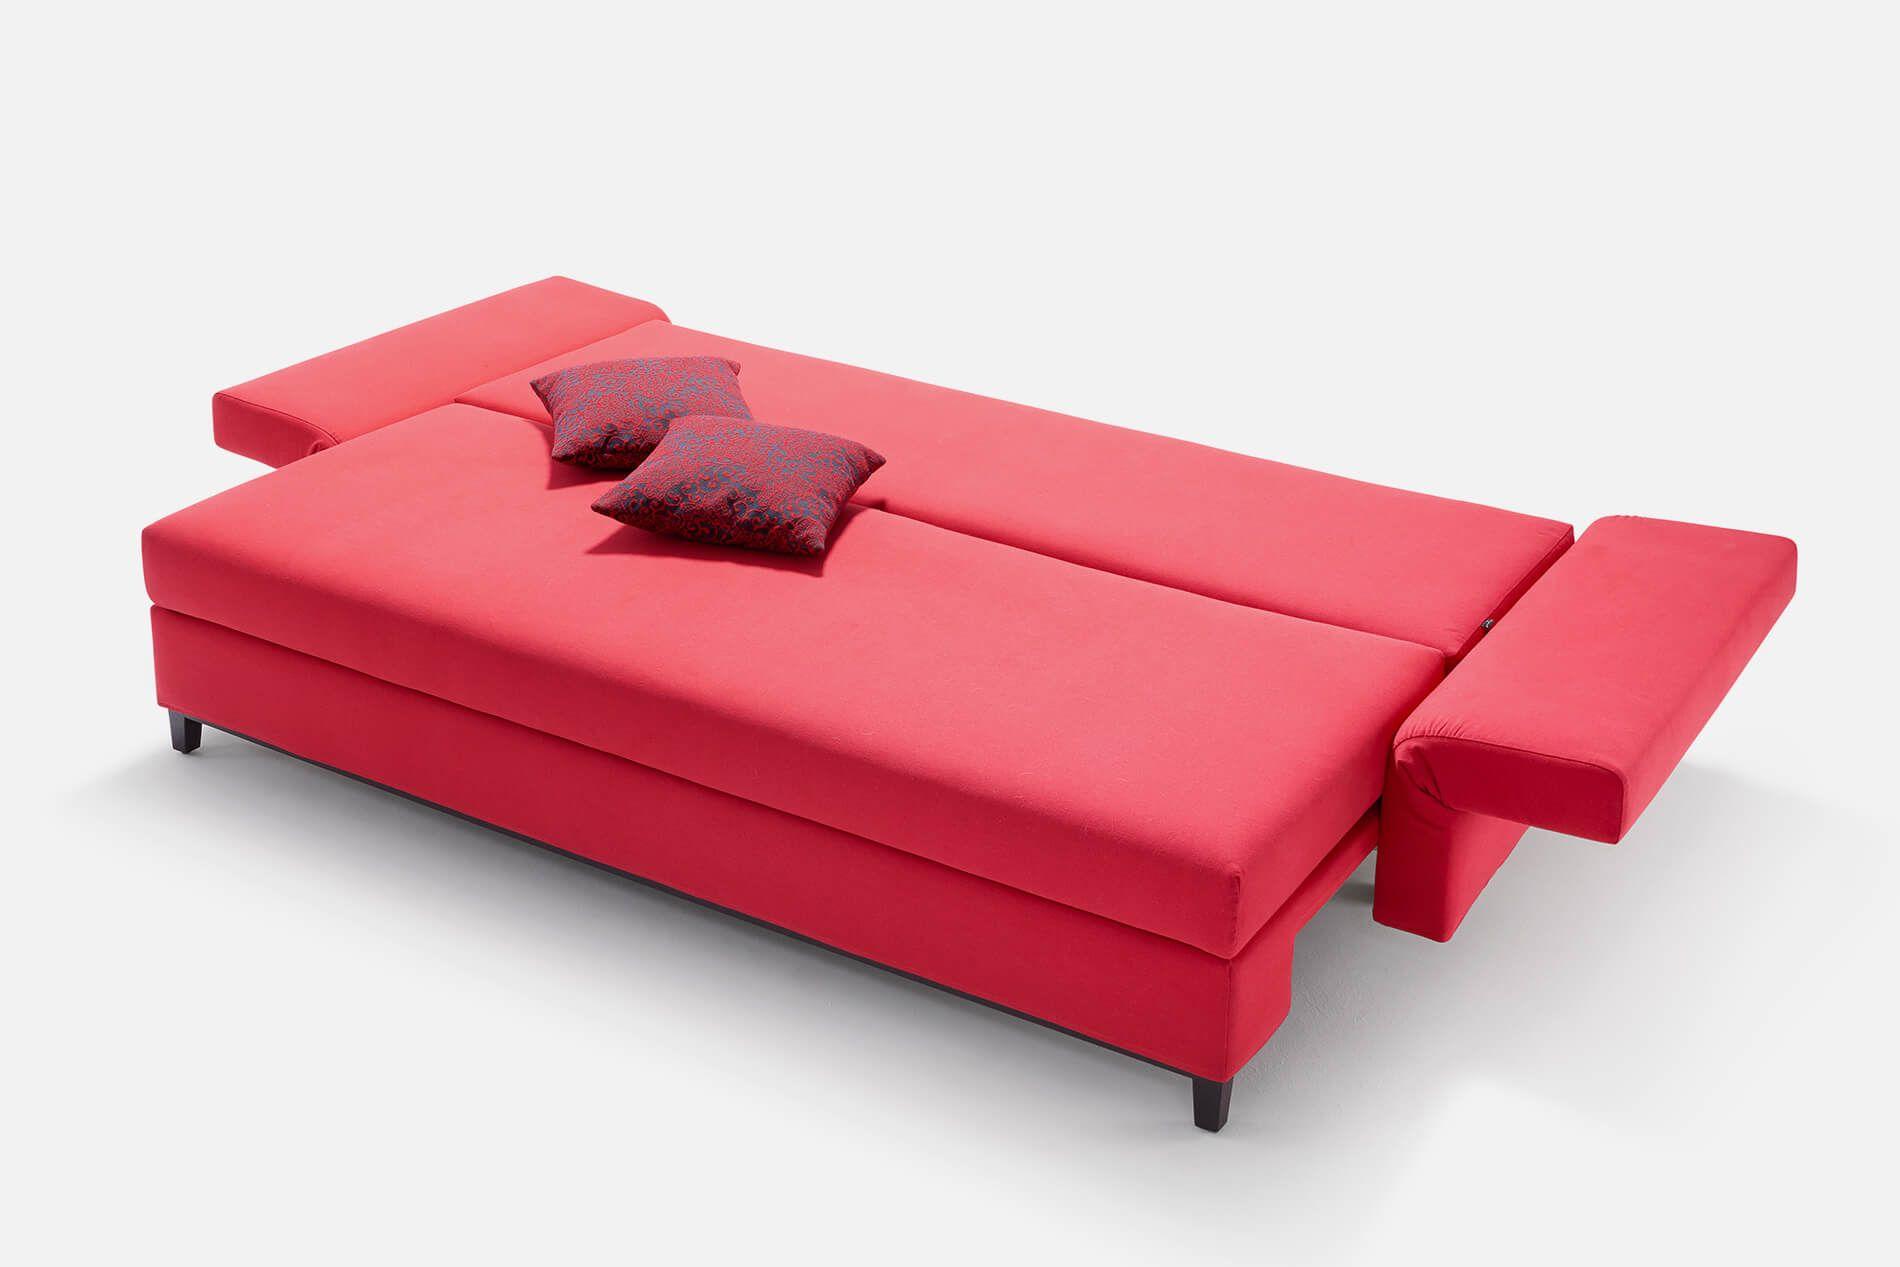 Das Schlafsofa Good Life Von Signet Mit Einer Liegeflache Von 140 X 200 Cm Schlafsofa Sofa Sofa Mit Schlaffunktion